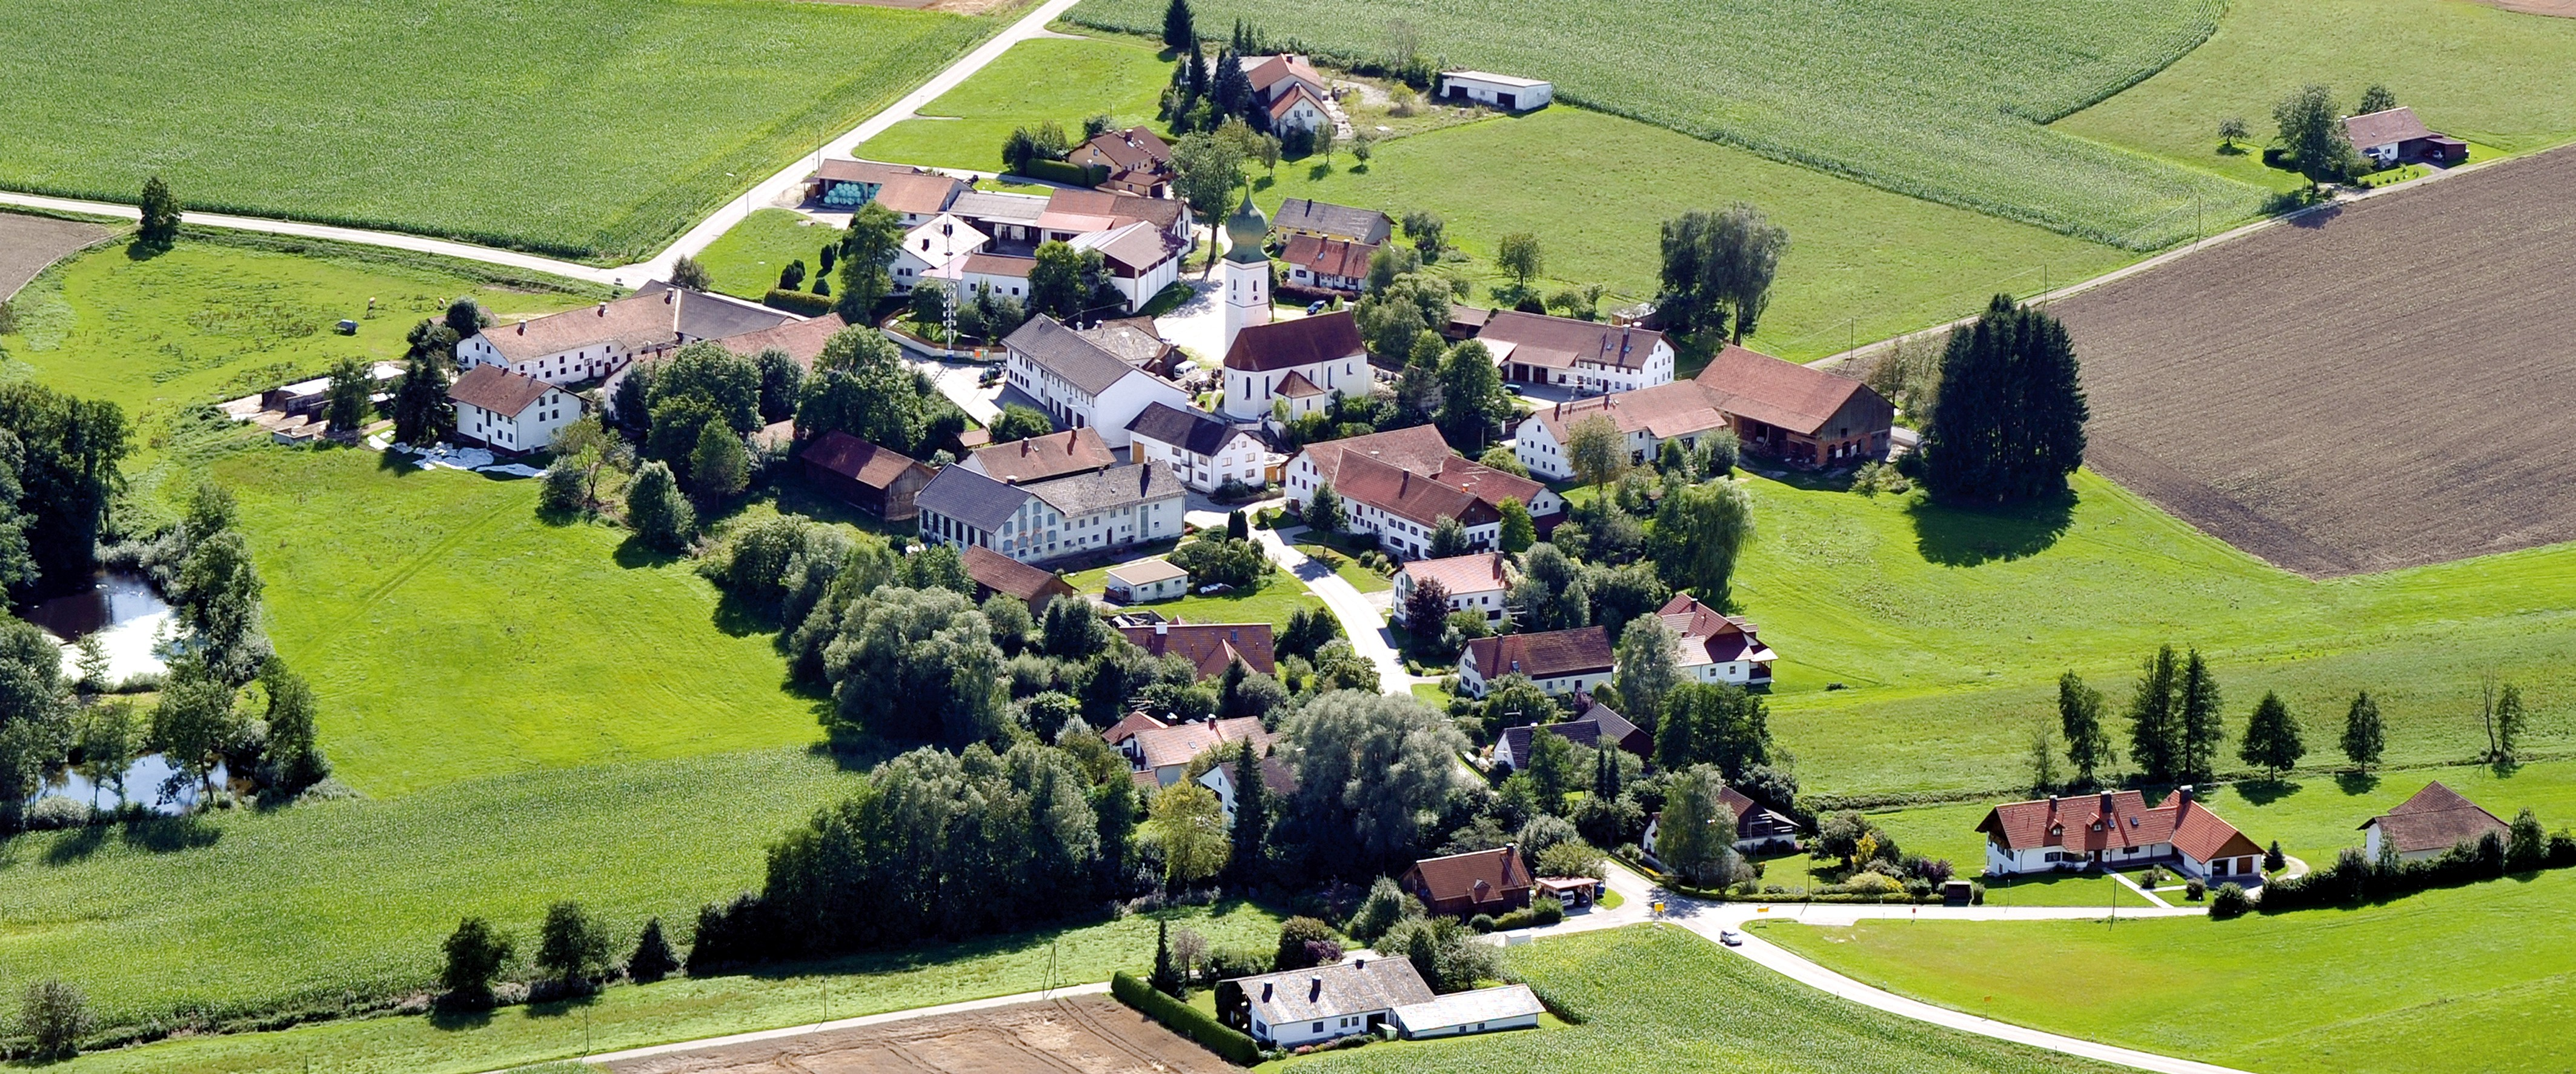 Ortschaft Geislbach